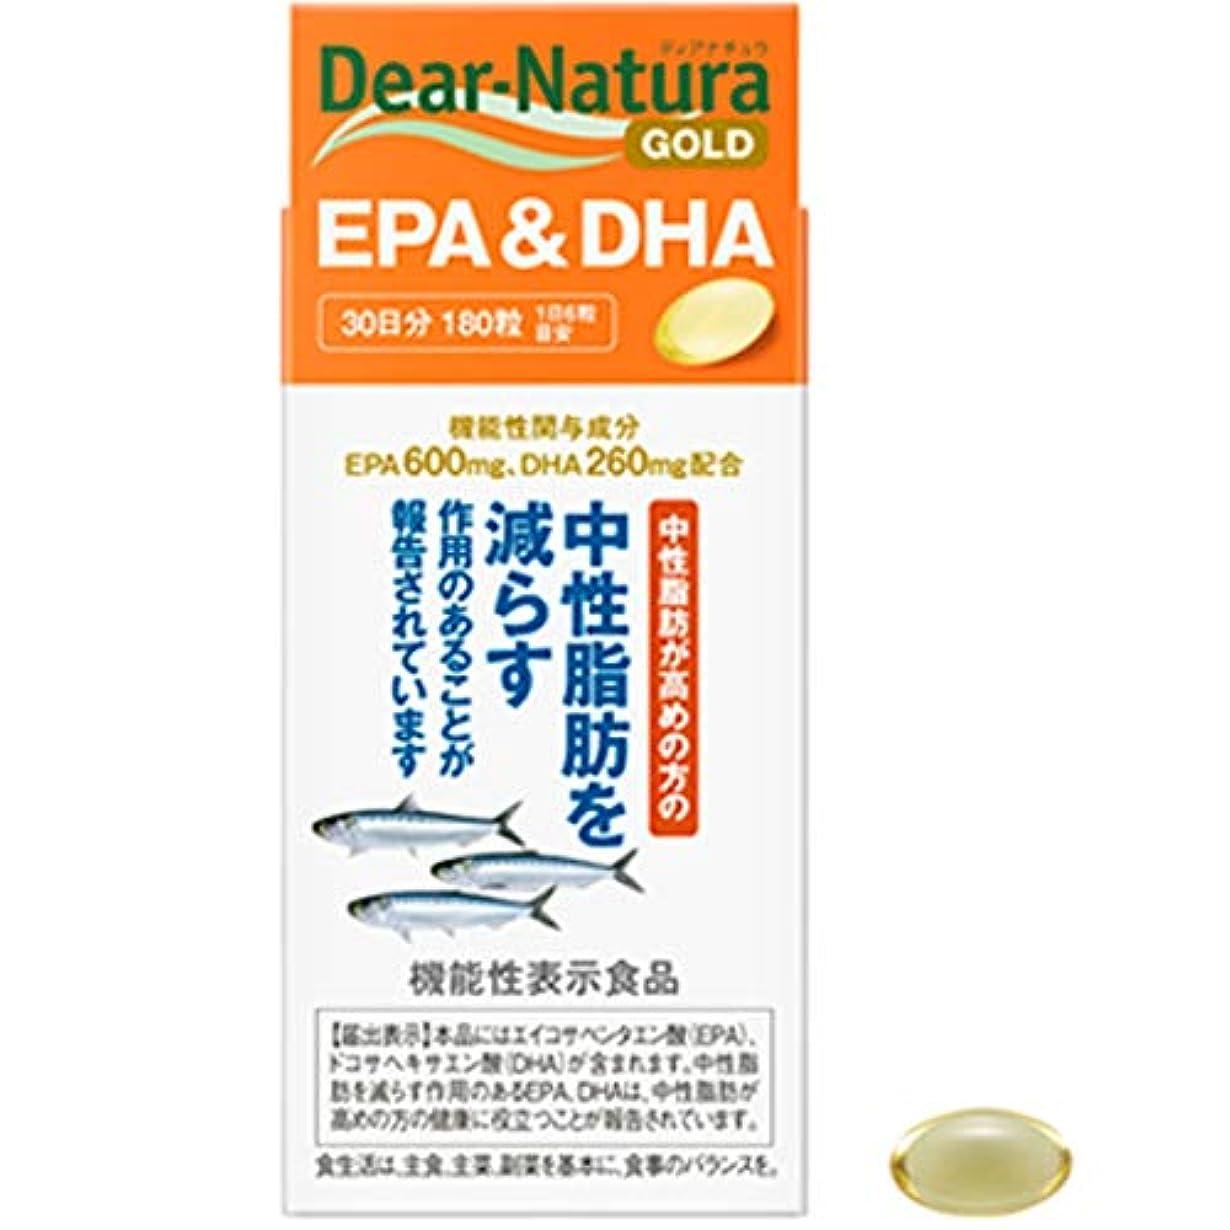 梨デコラティブ吐き出すディアナチュラゴールド EPA&DHA 30日分 180粒入×5個セット